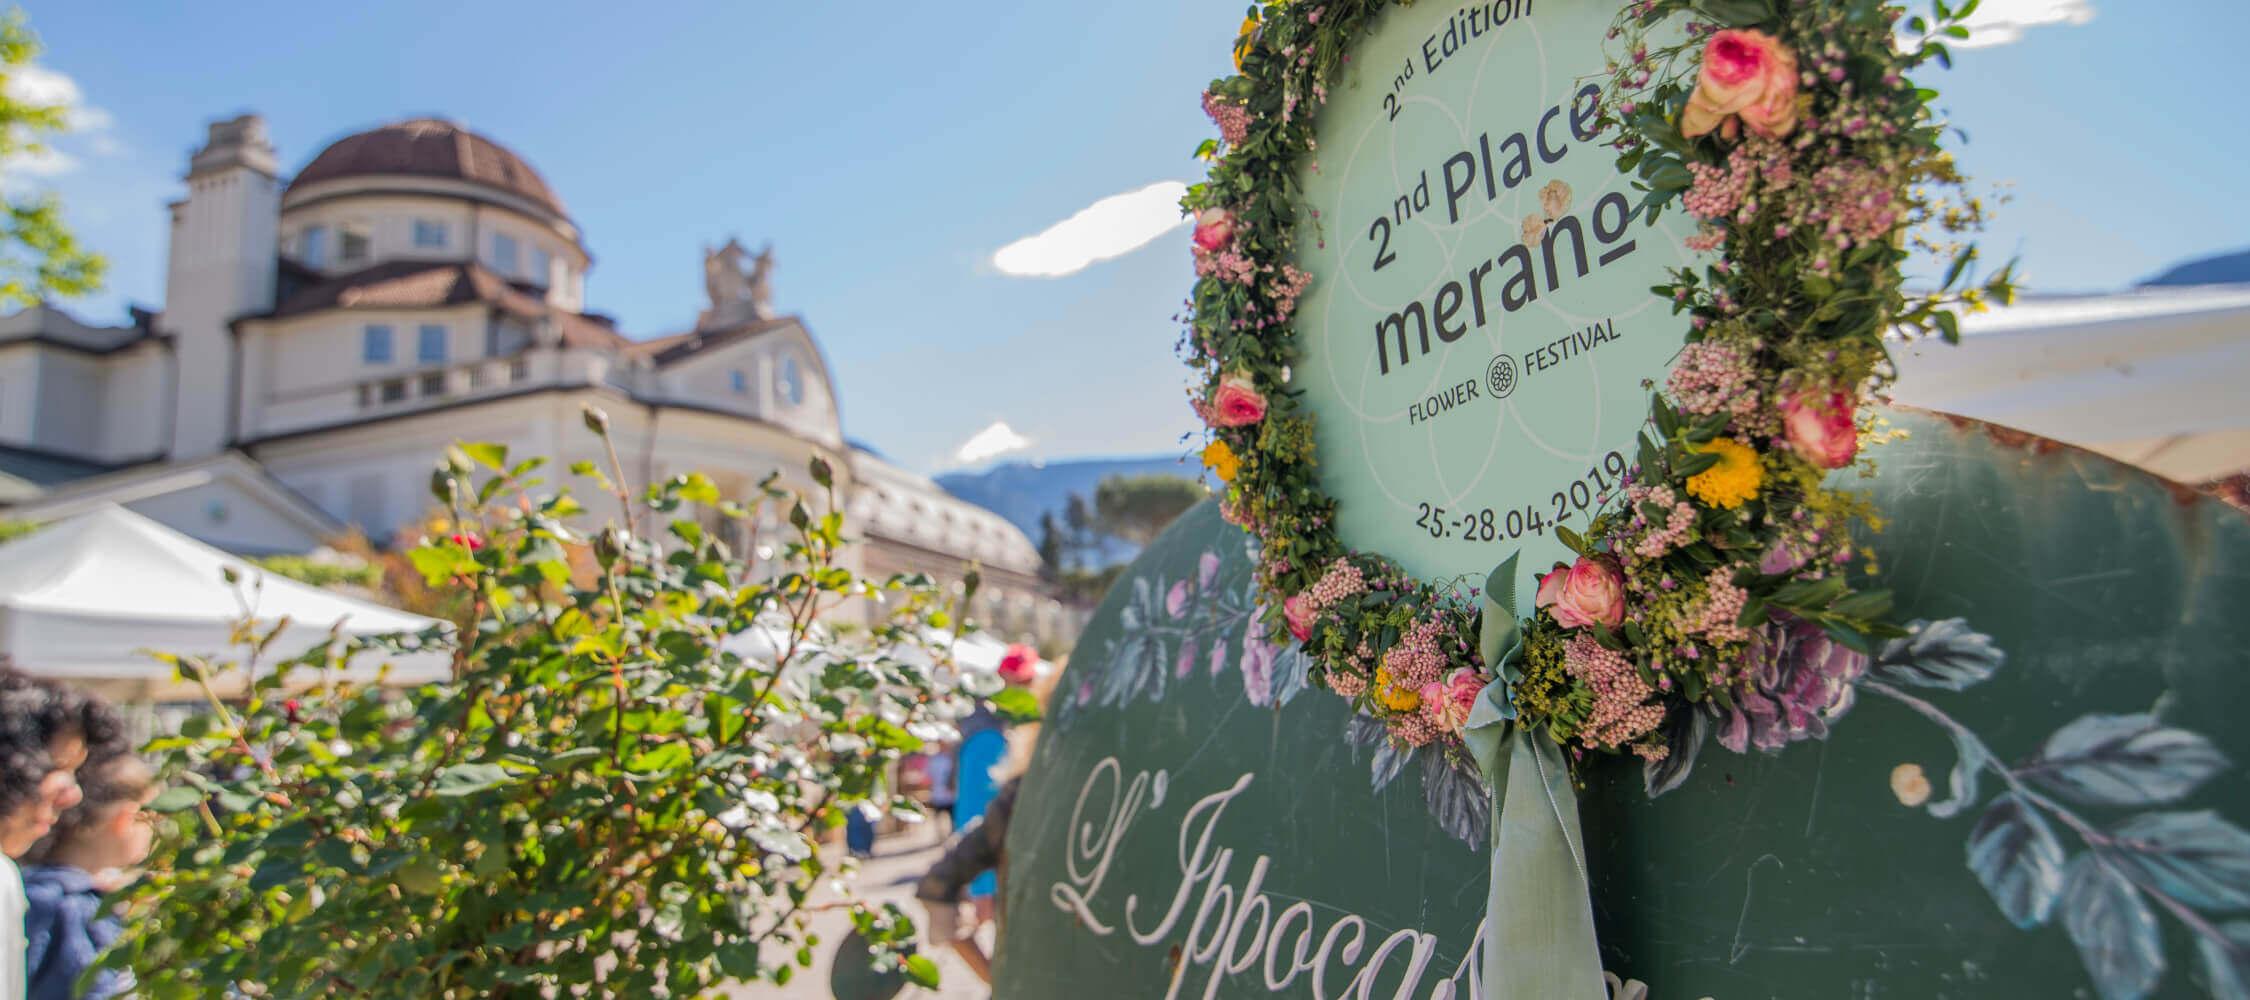 Italien-Trentino_Suedtirol_Alto_Adige_Merano_Meran_Natur_FlowerFestival_Kurverwaltung_Meran_KarlheinzSollbauer_DSC7222_2250x1000